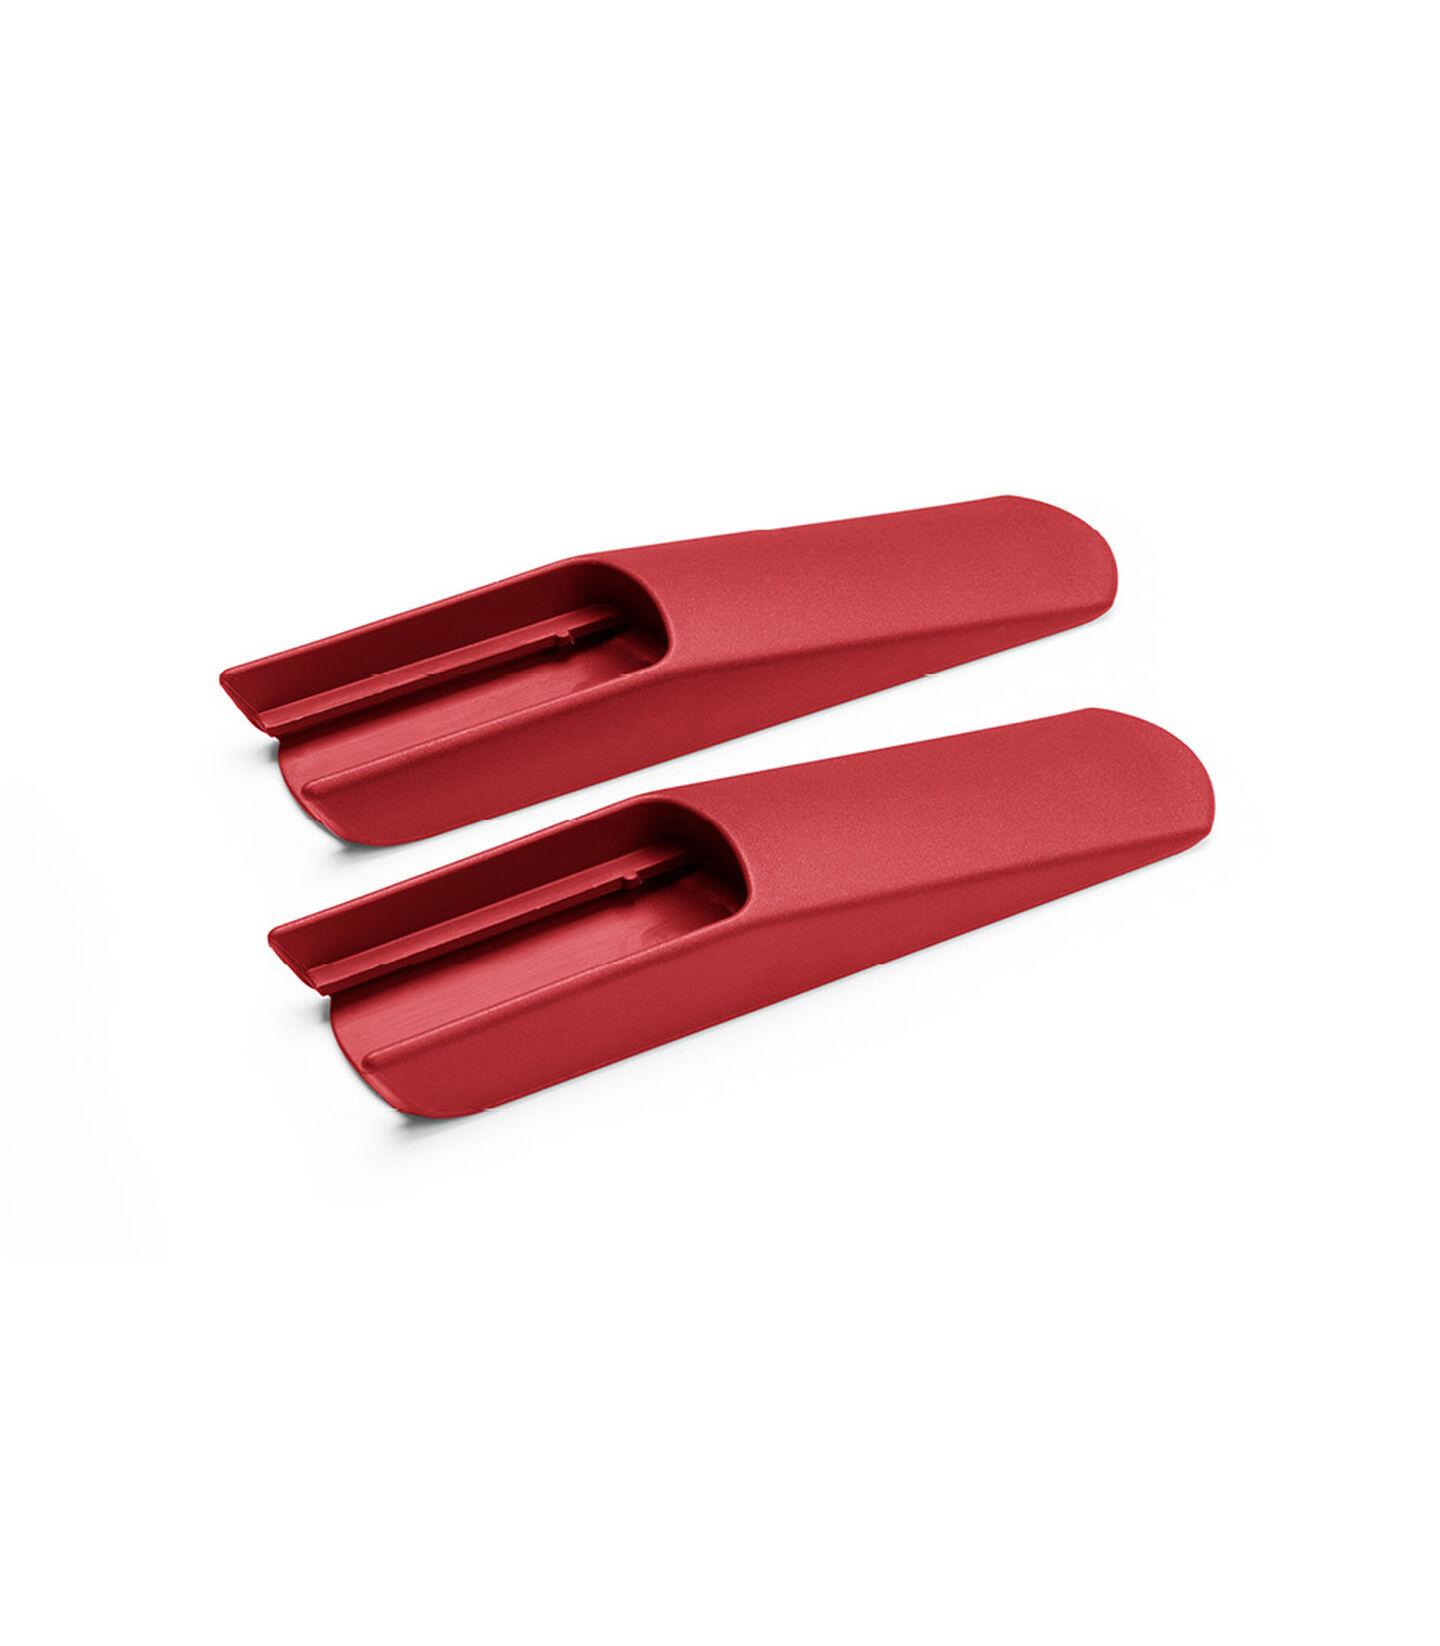 Tripp Trapp® Deslizadores Extendidos Rojo, Rojo, mainview view 2